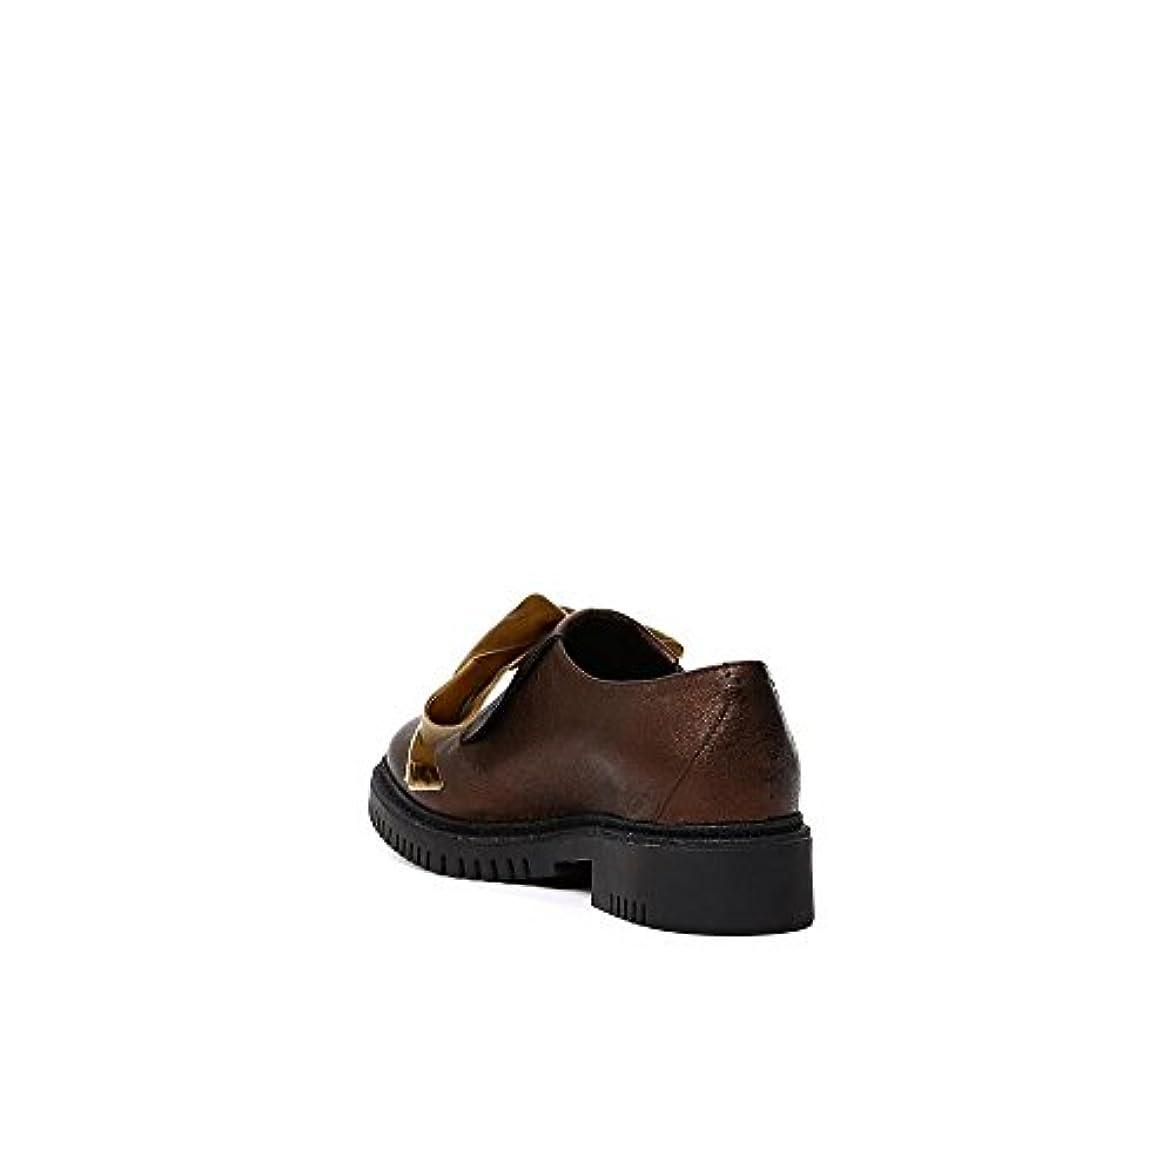 Maxi In Lea222 Occhielli Laminato Con Cafènoir Pantofola